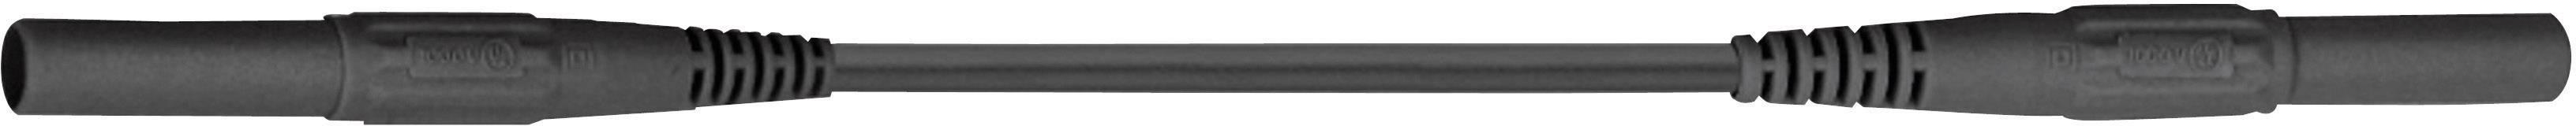 Merací silikónový kábel Multicontact XMS-419, 2,5 mm², čierny, 1m